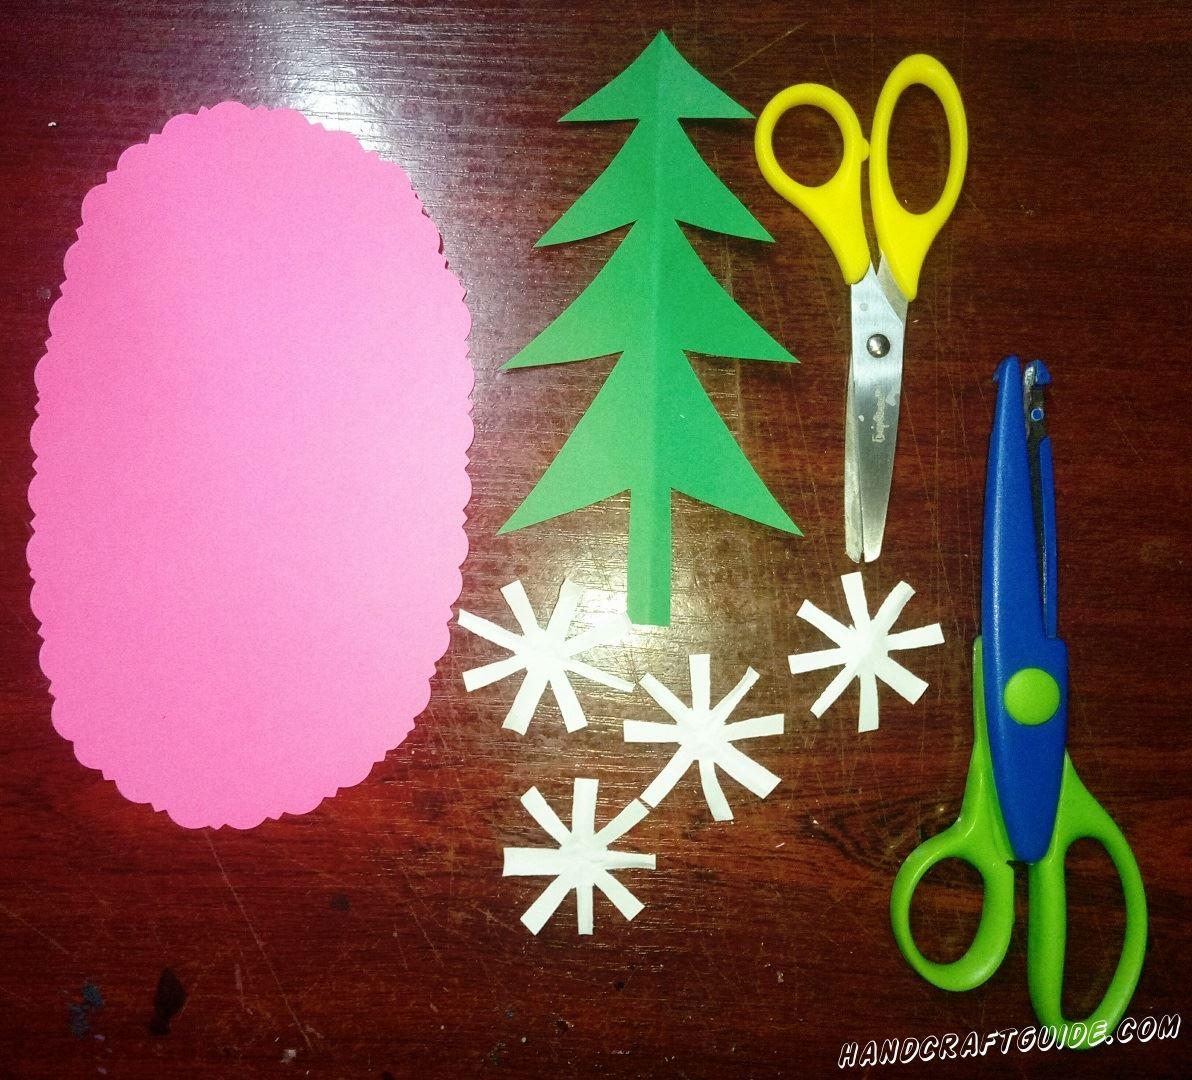 Вырезаем большой розовый овал из бумаги, и красиво делаем узоры по ободку. Также вырезаем зелёную ёлочку и четыре белых снежинки из бумаги.